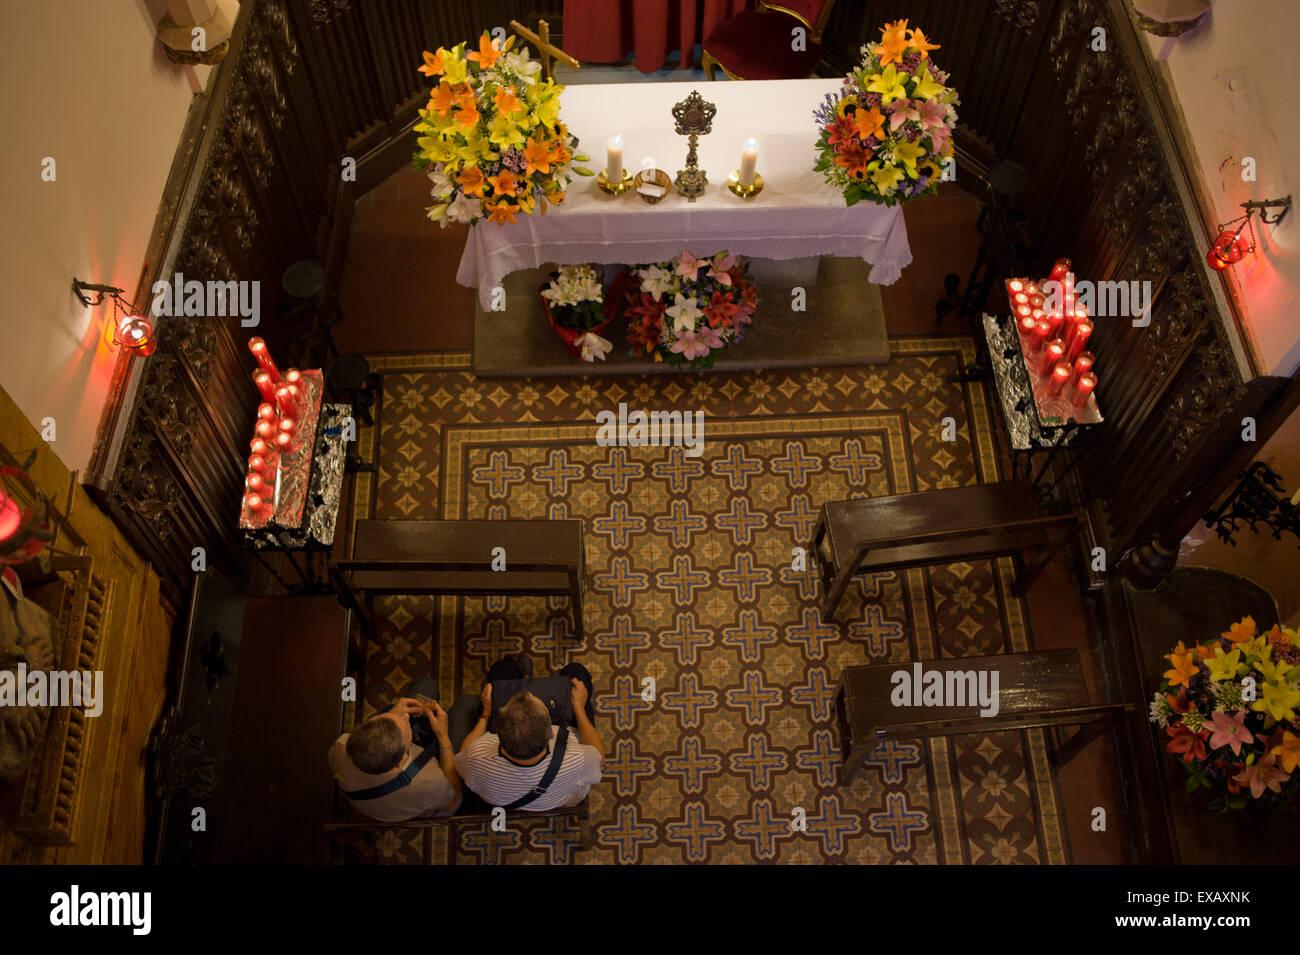 Im Inneren der kleinen Kapelle des Heiligen Christophorus im gotischen Viertel von Barcelona. Stockbild